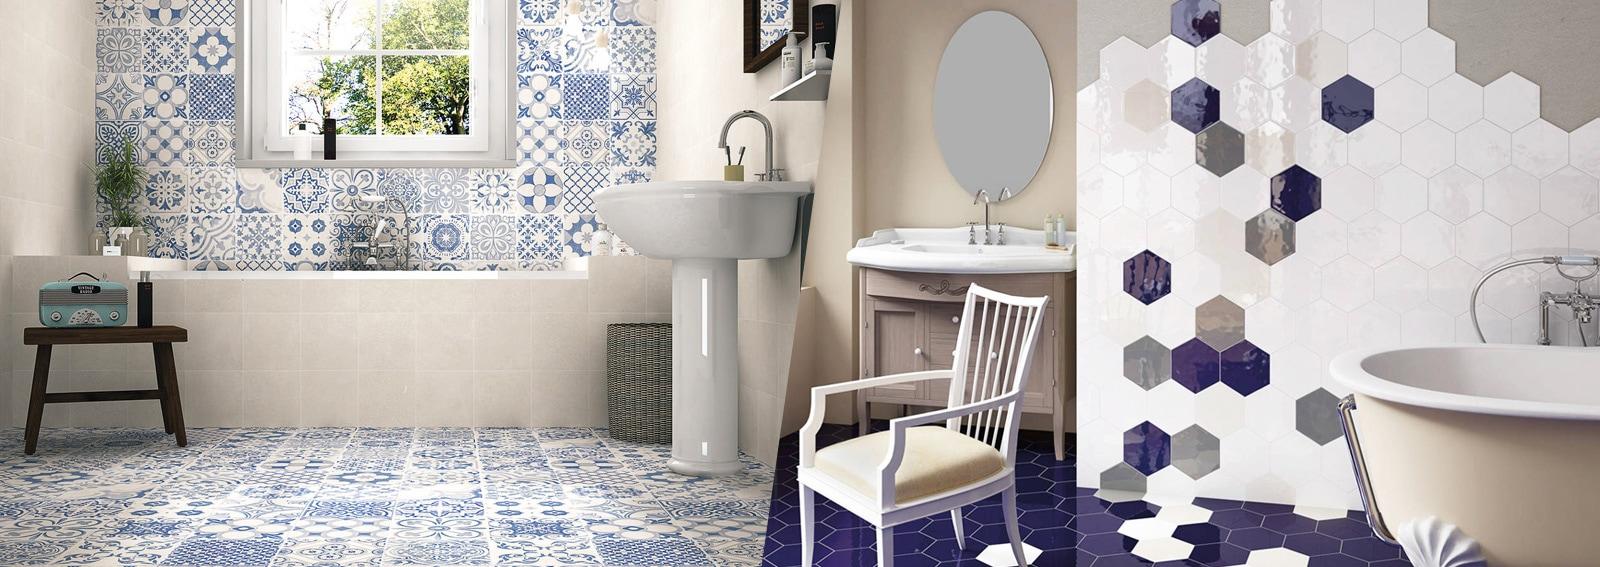 Rivestimenti per il bagno 10 idee decor da copiare - Rivestimenti bagno design ...